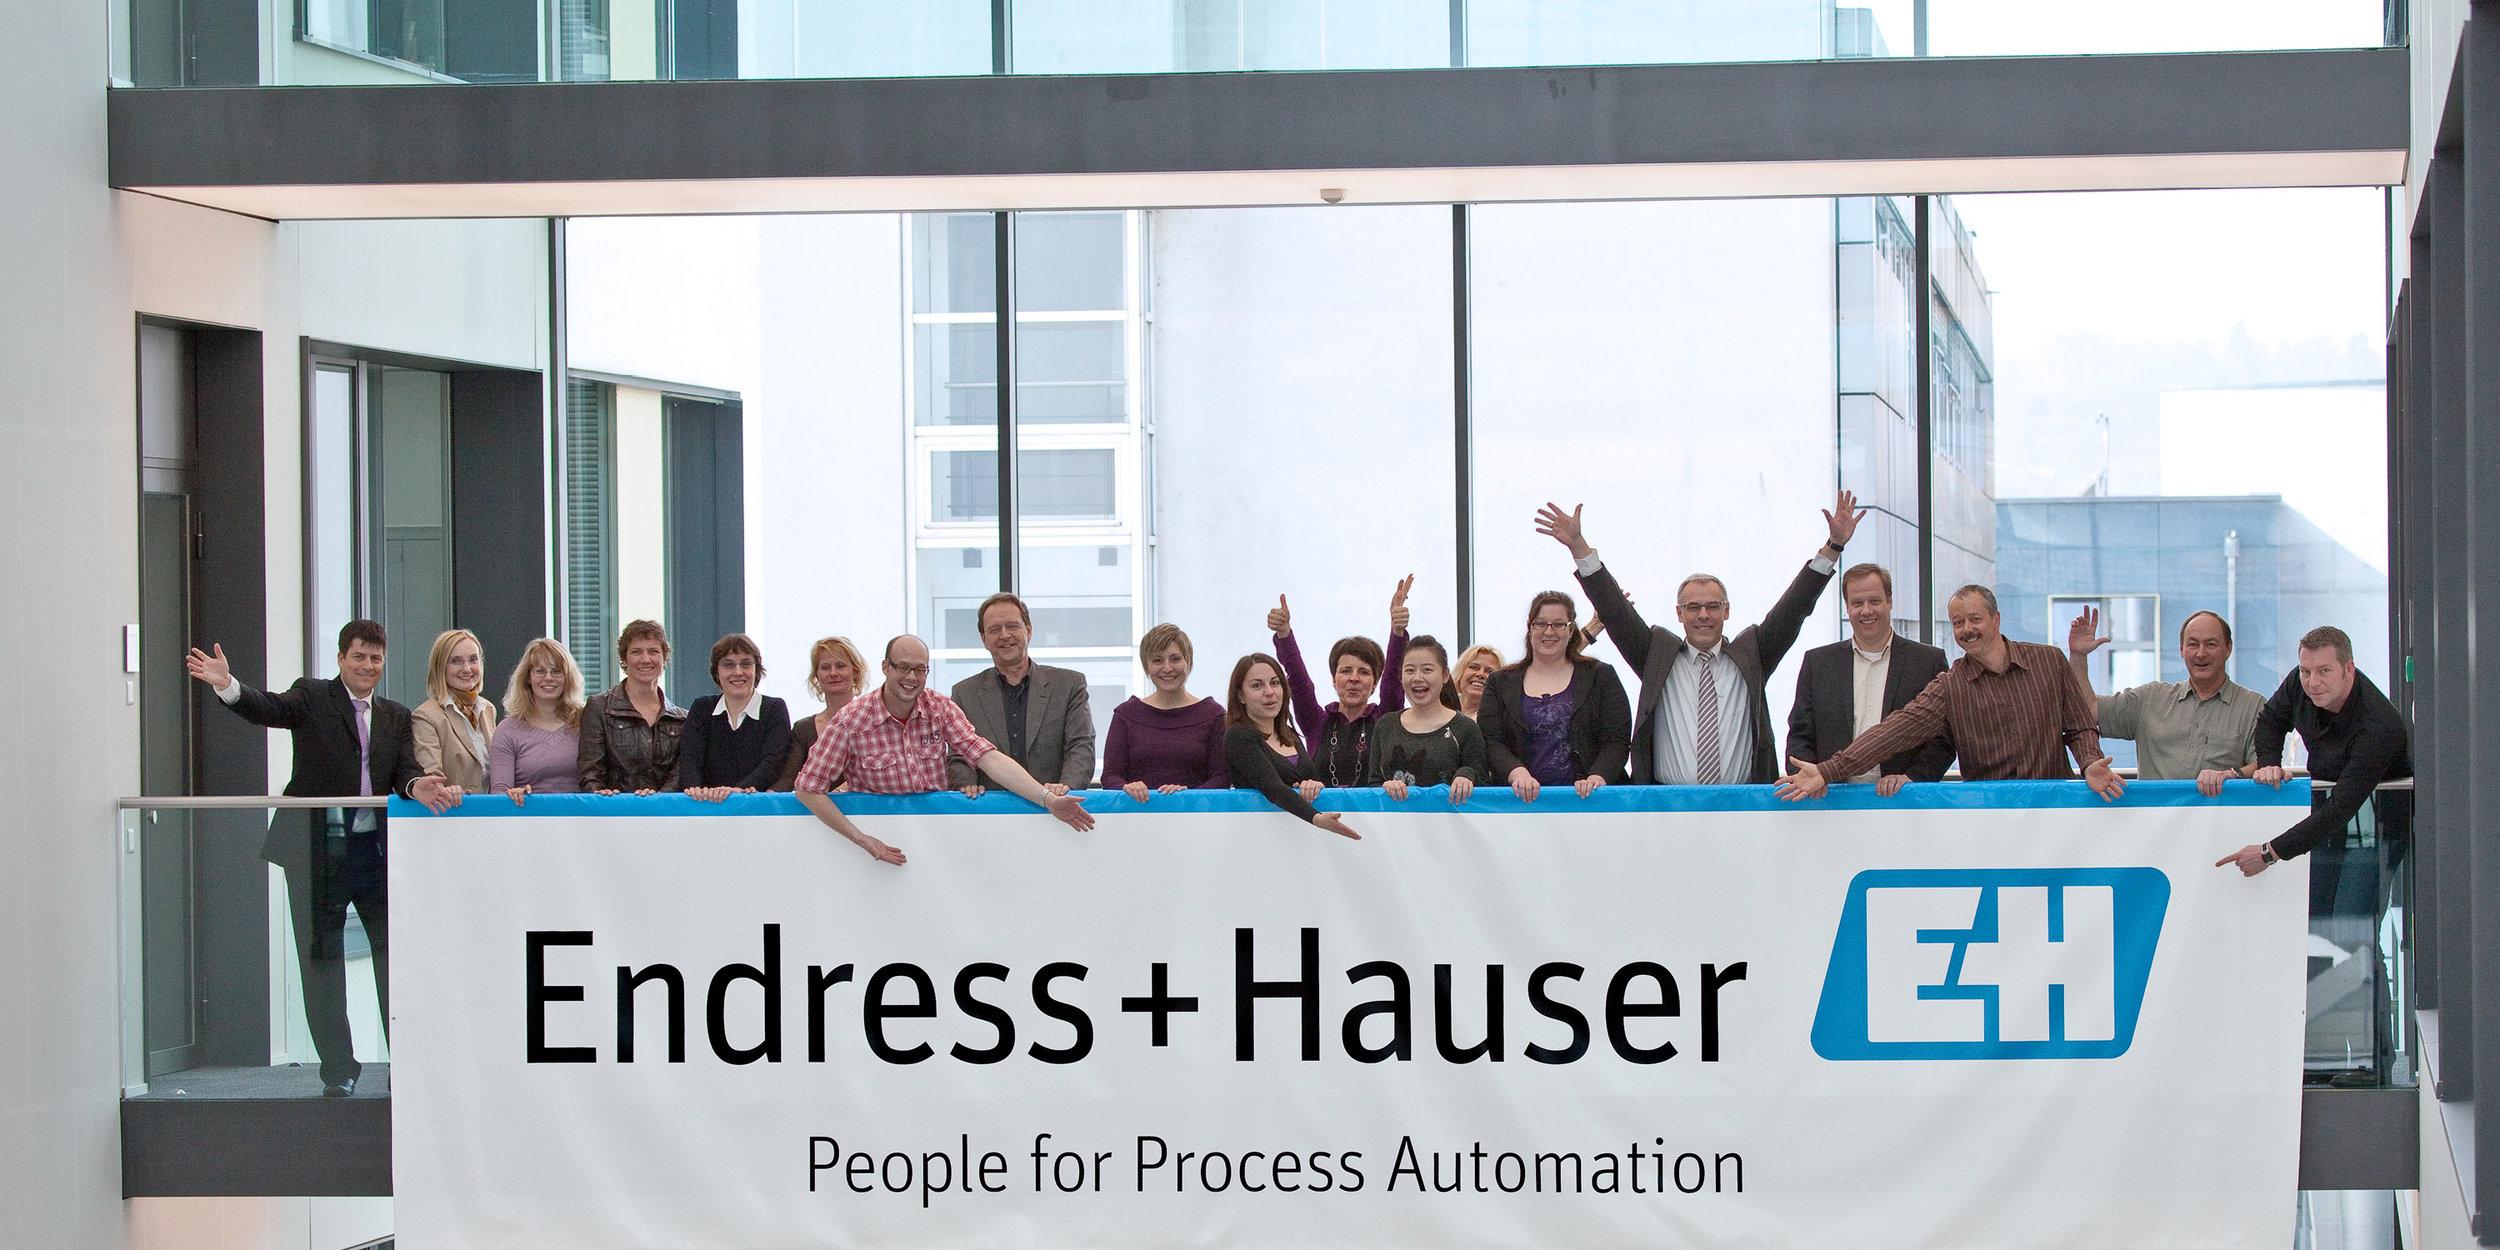 Endress+Hauser Logo Redesign 05.jpg